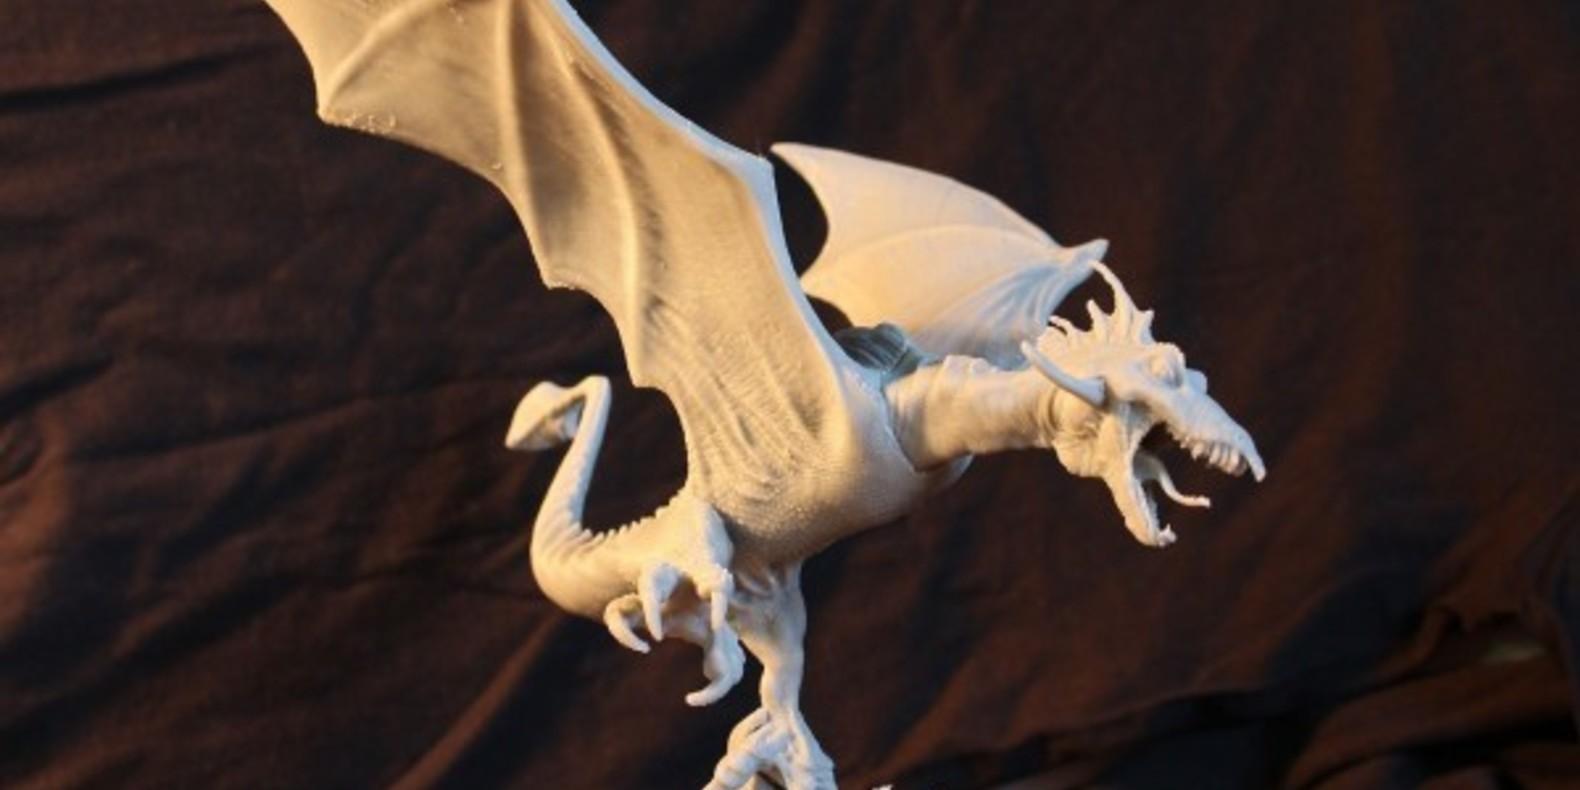 dragon-milos-tutus-fichier-3d-stl-cults-4